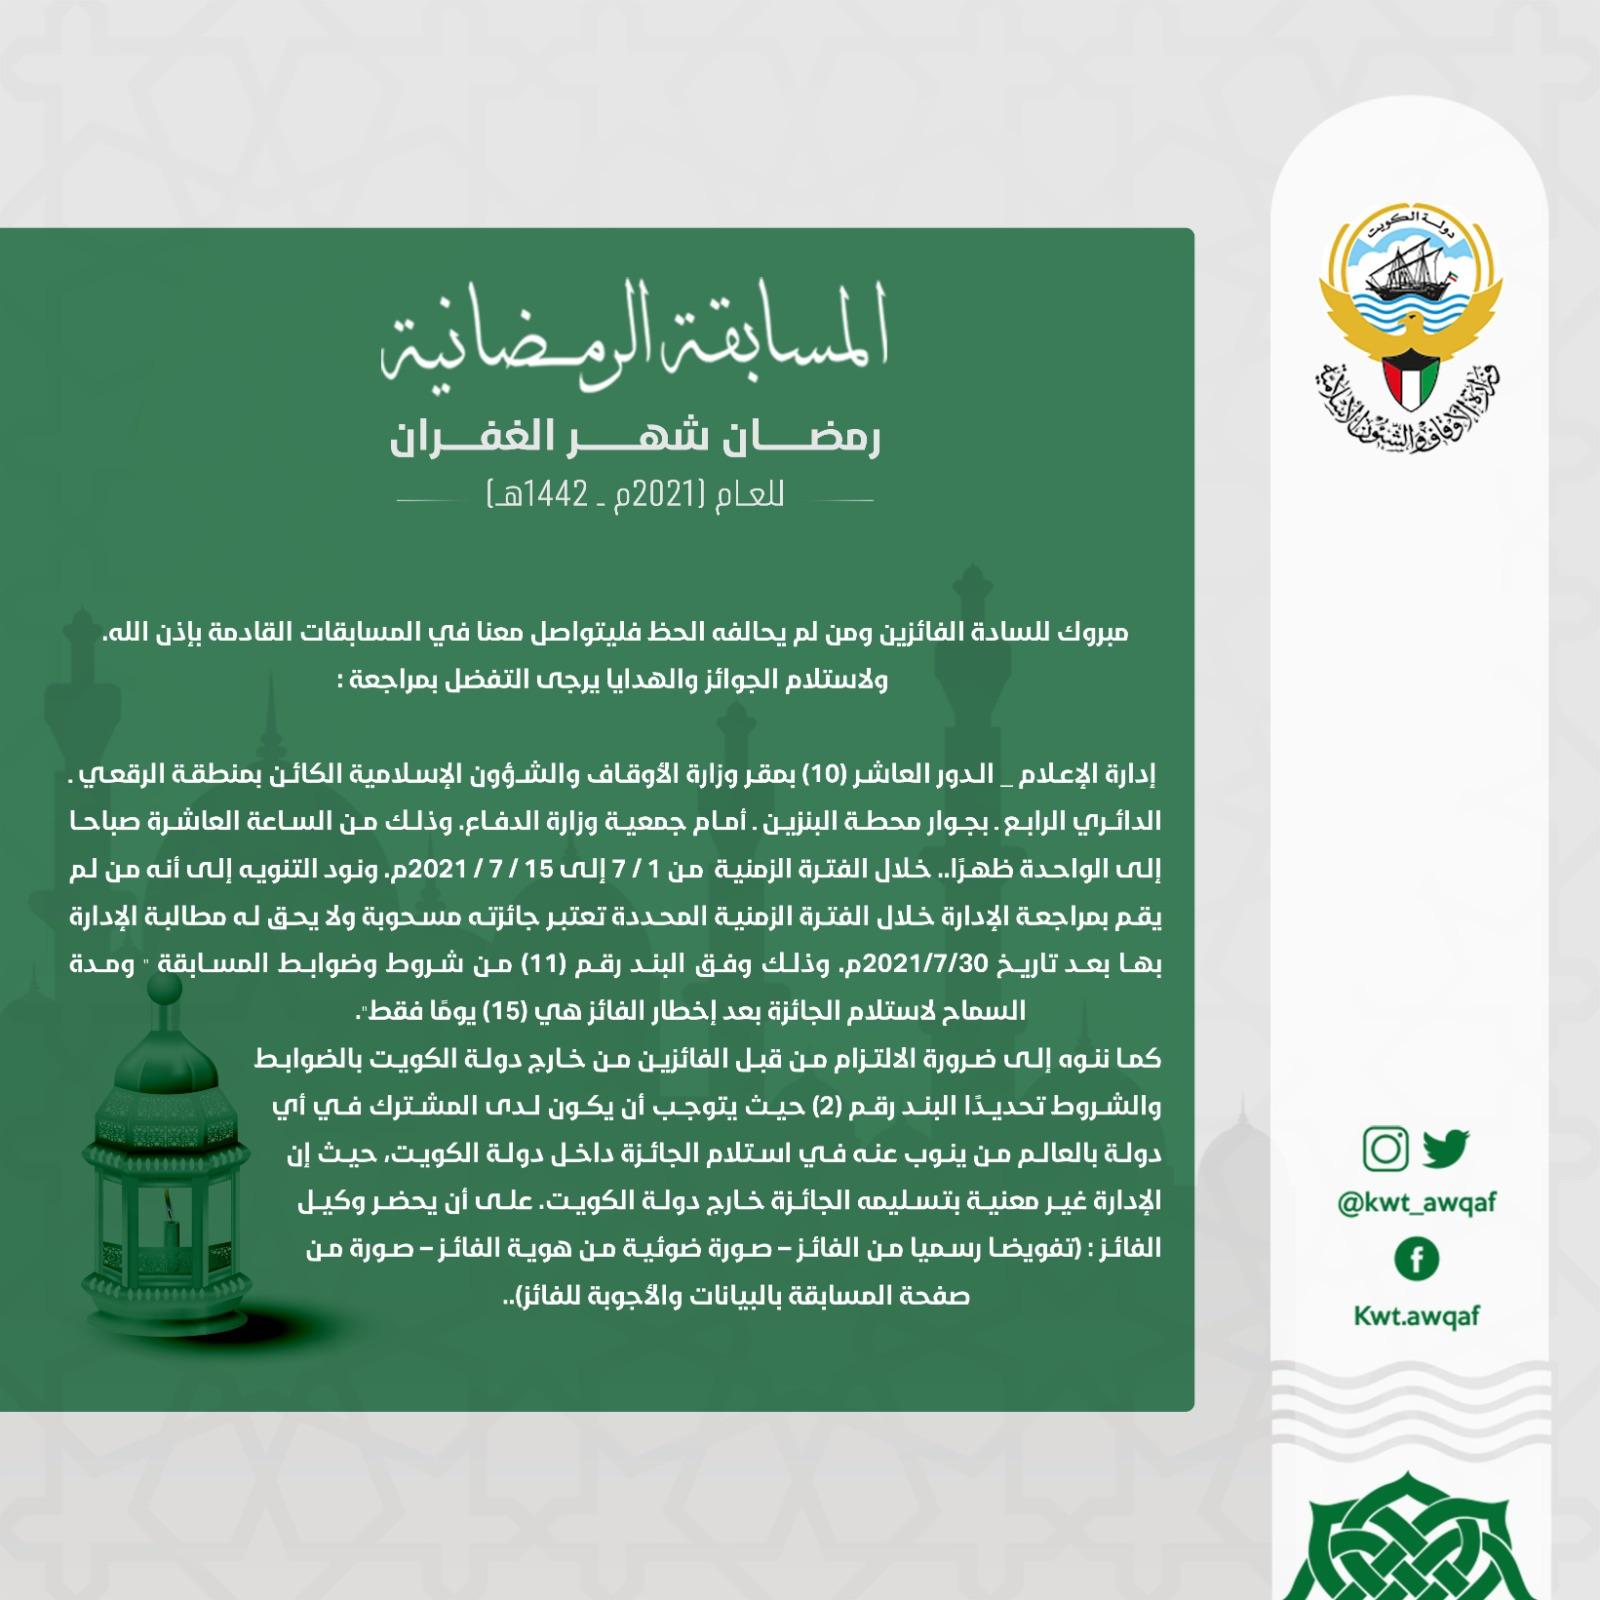 """نتائج المسابقة الرمضانية """"رمضان شهر الغفران"""" لعام 2021 مــ - 1442هــ"""